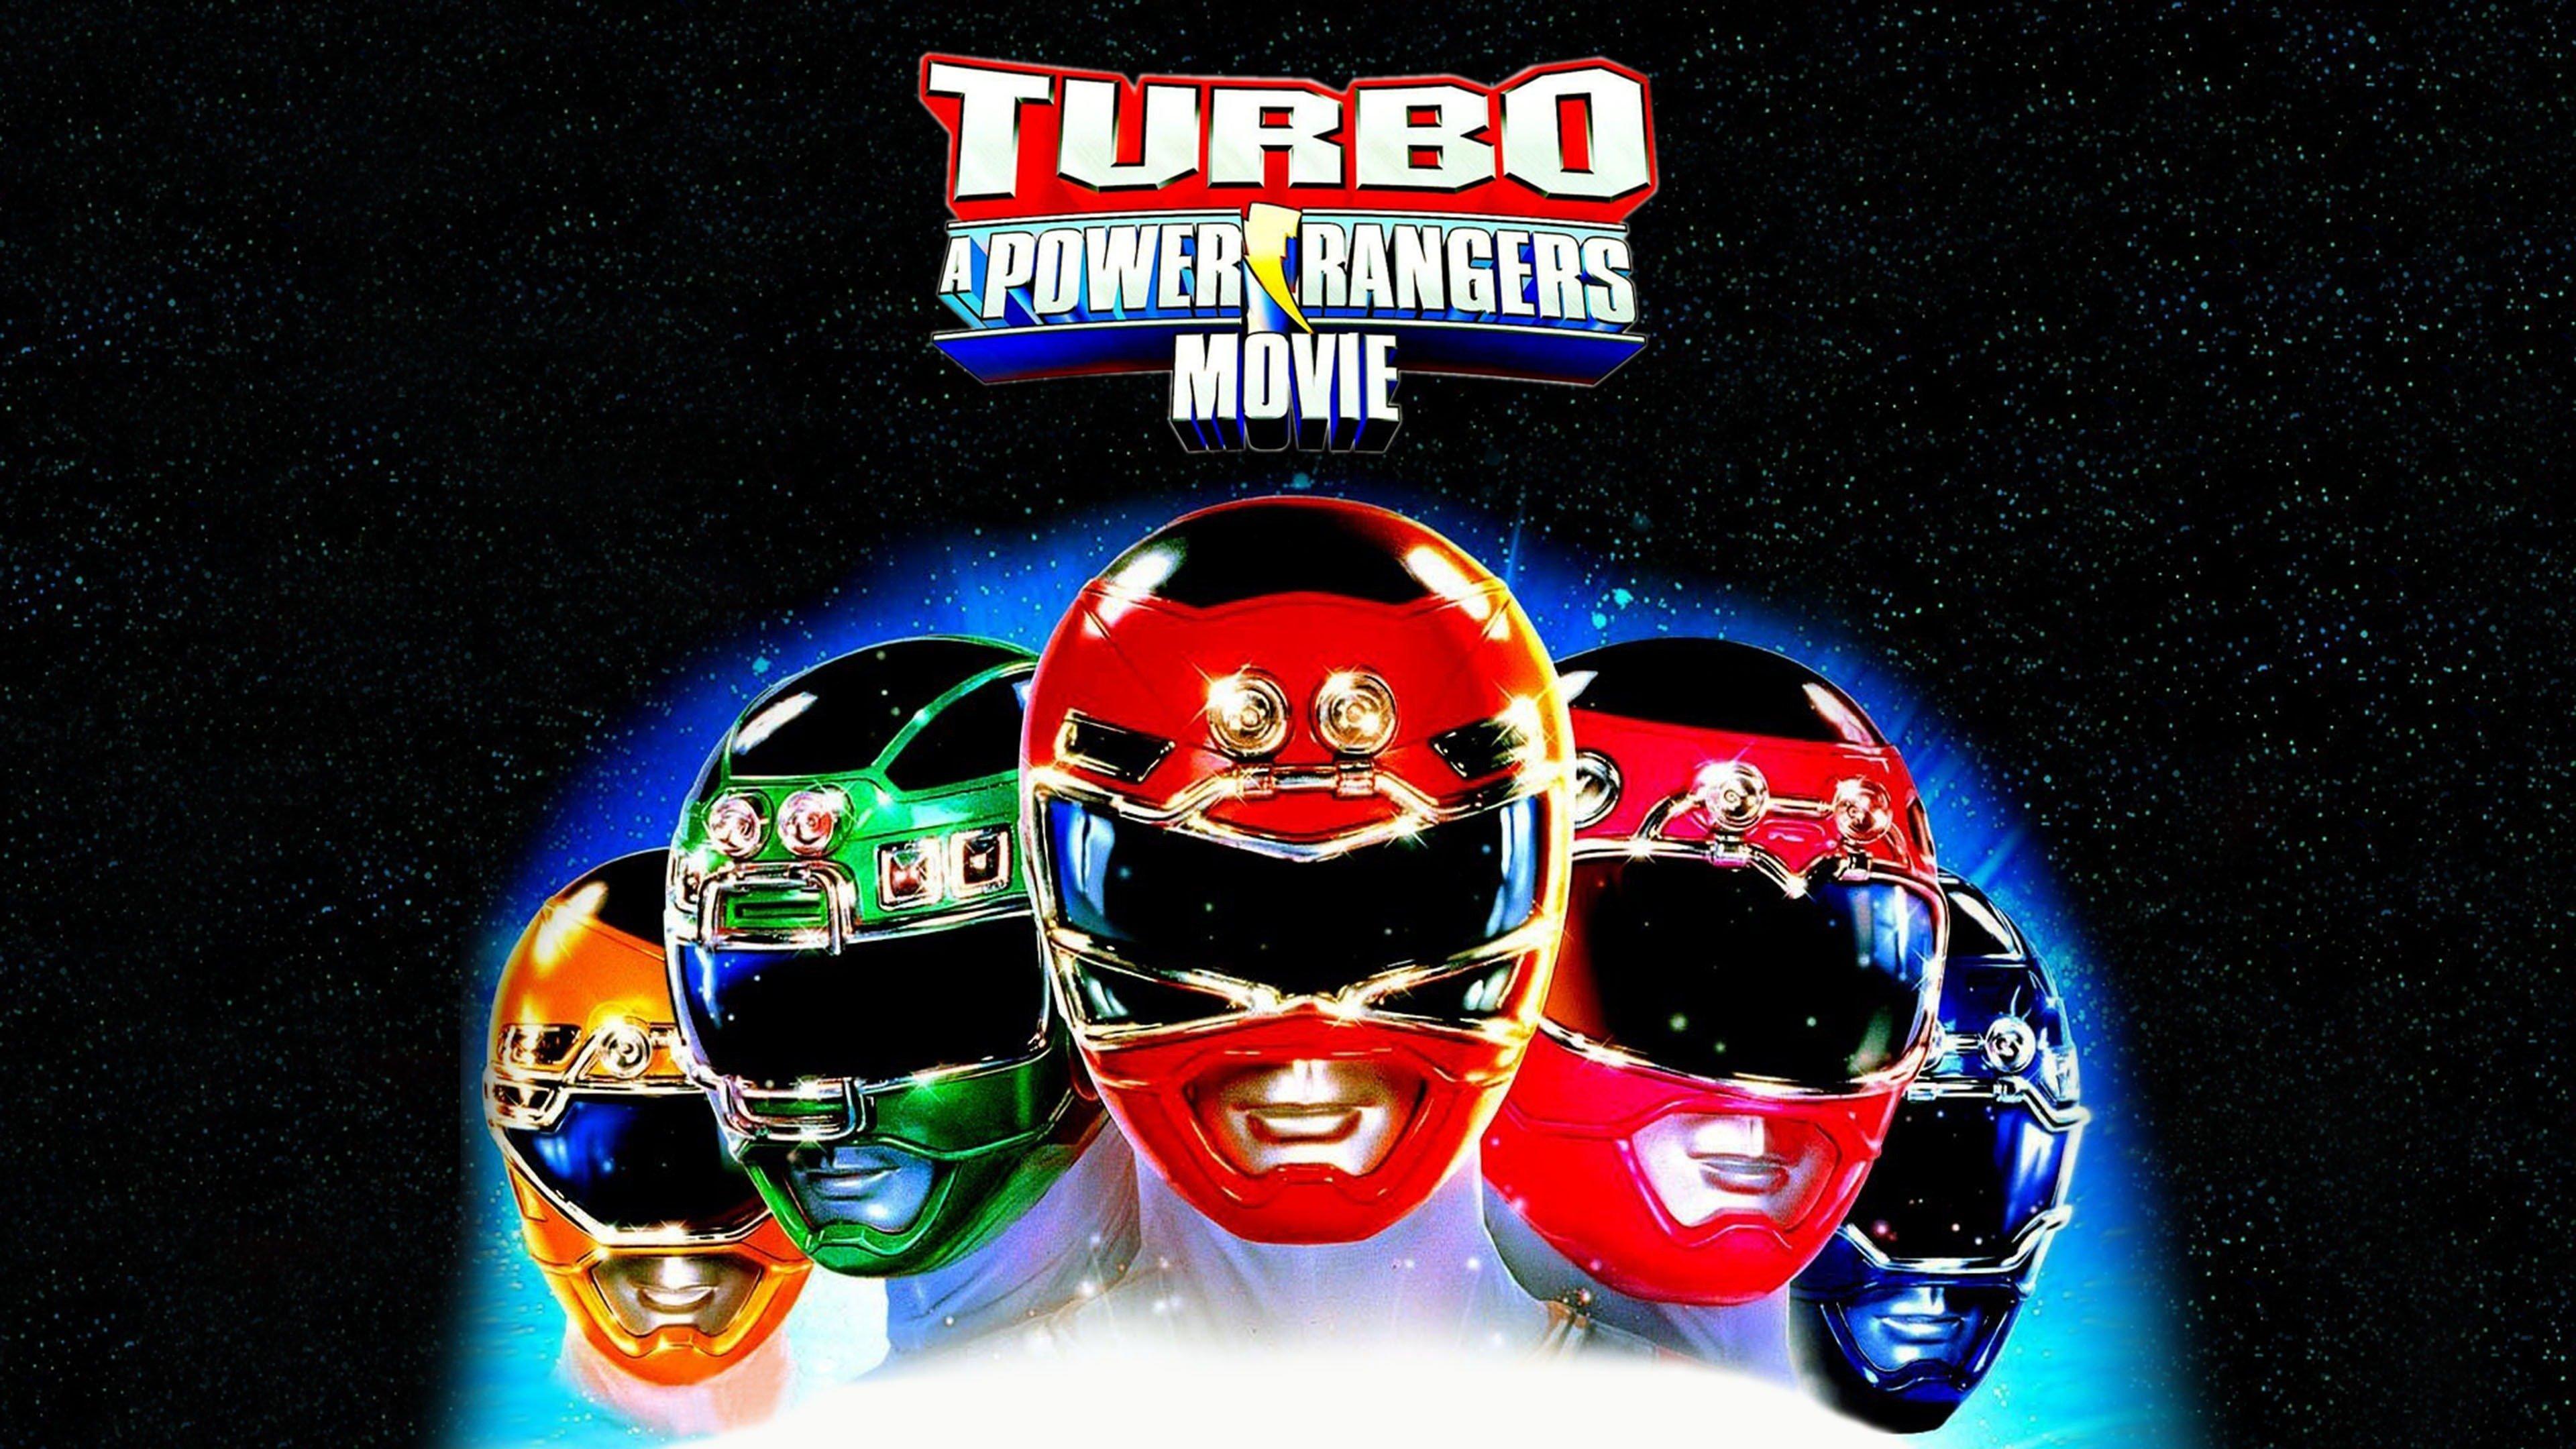 Ranger Retrocenter  Power Rangers since 2004